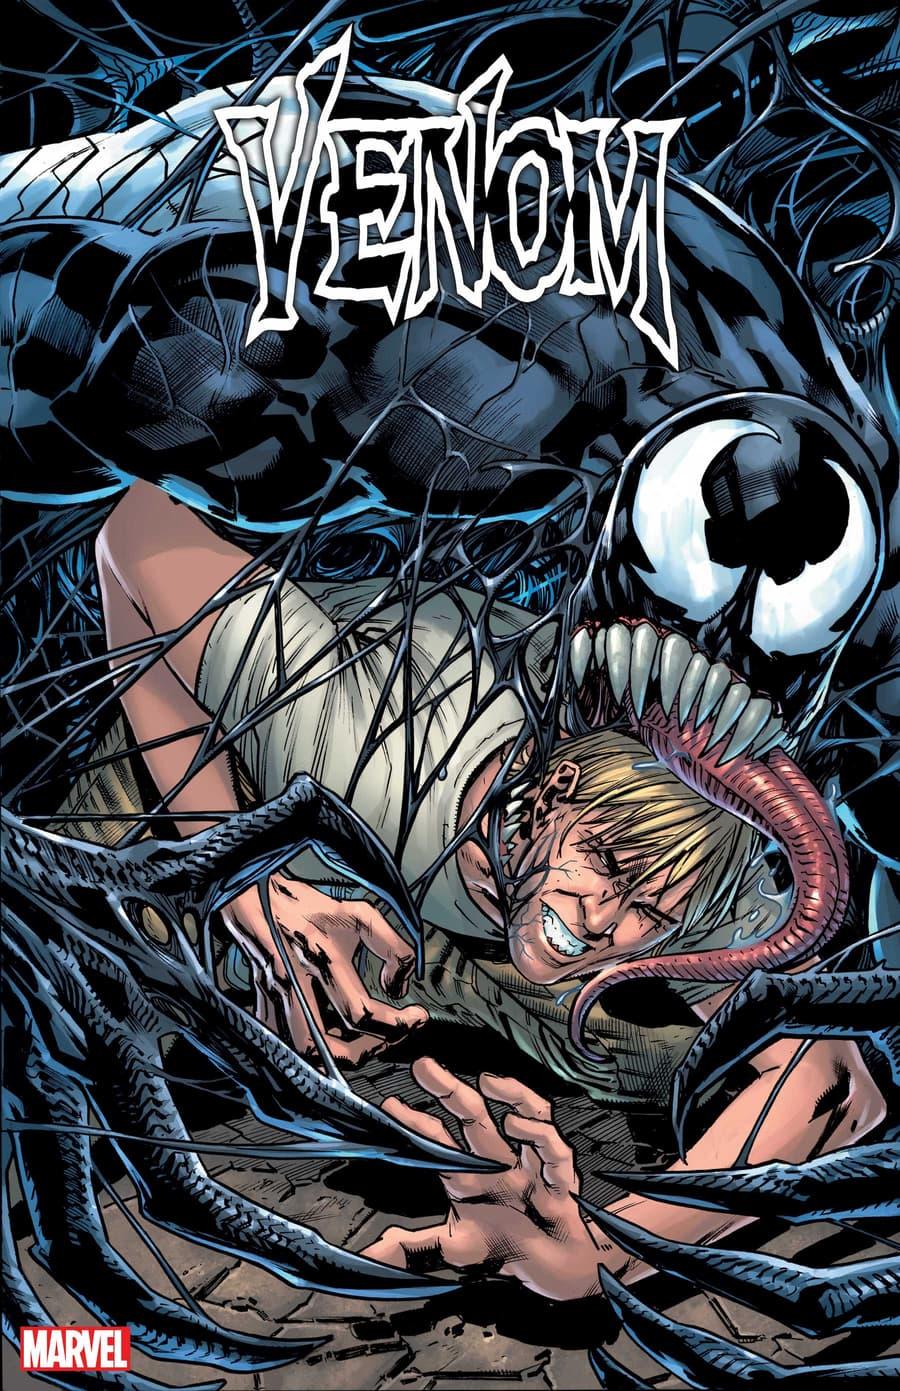 VENOM #3 cover by Bryan Hitch